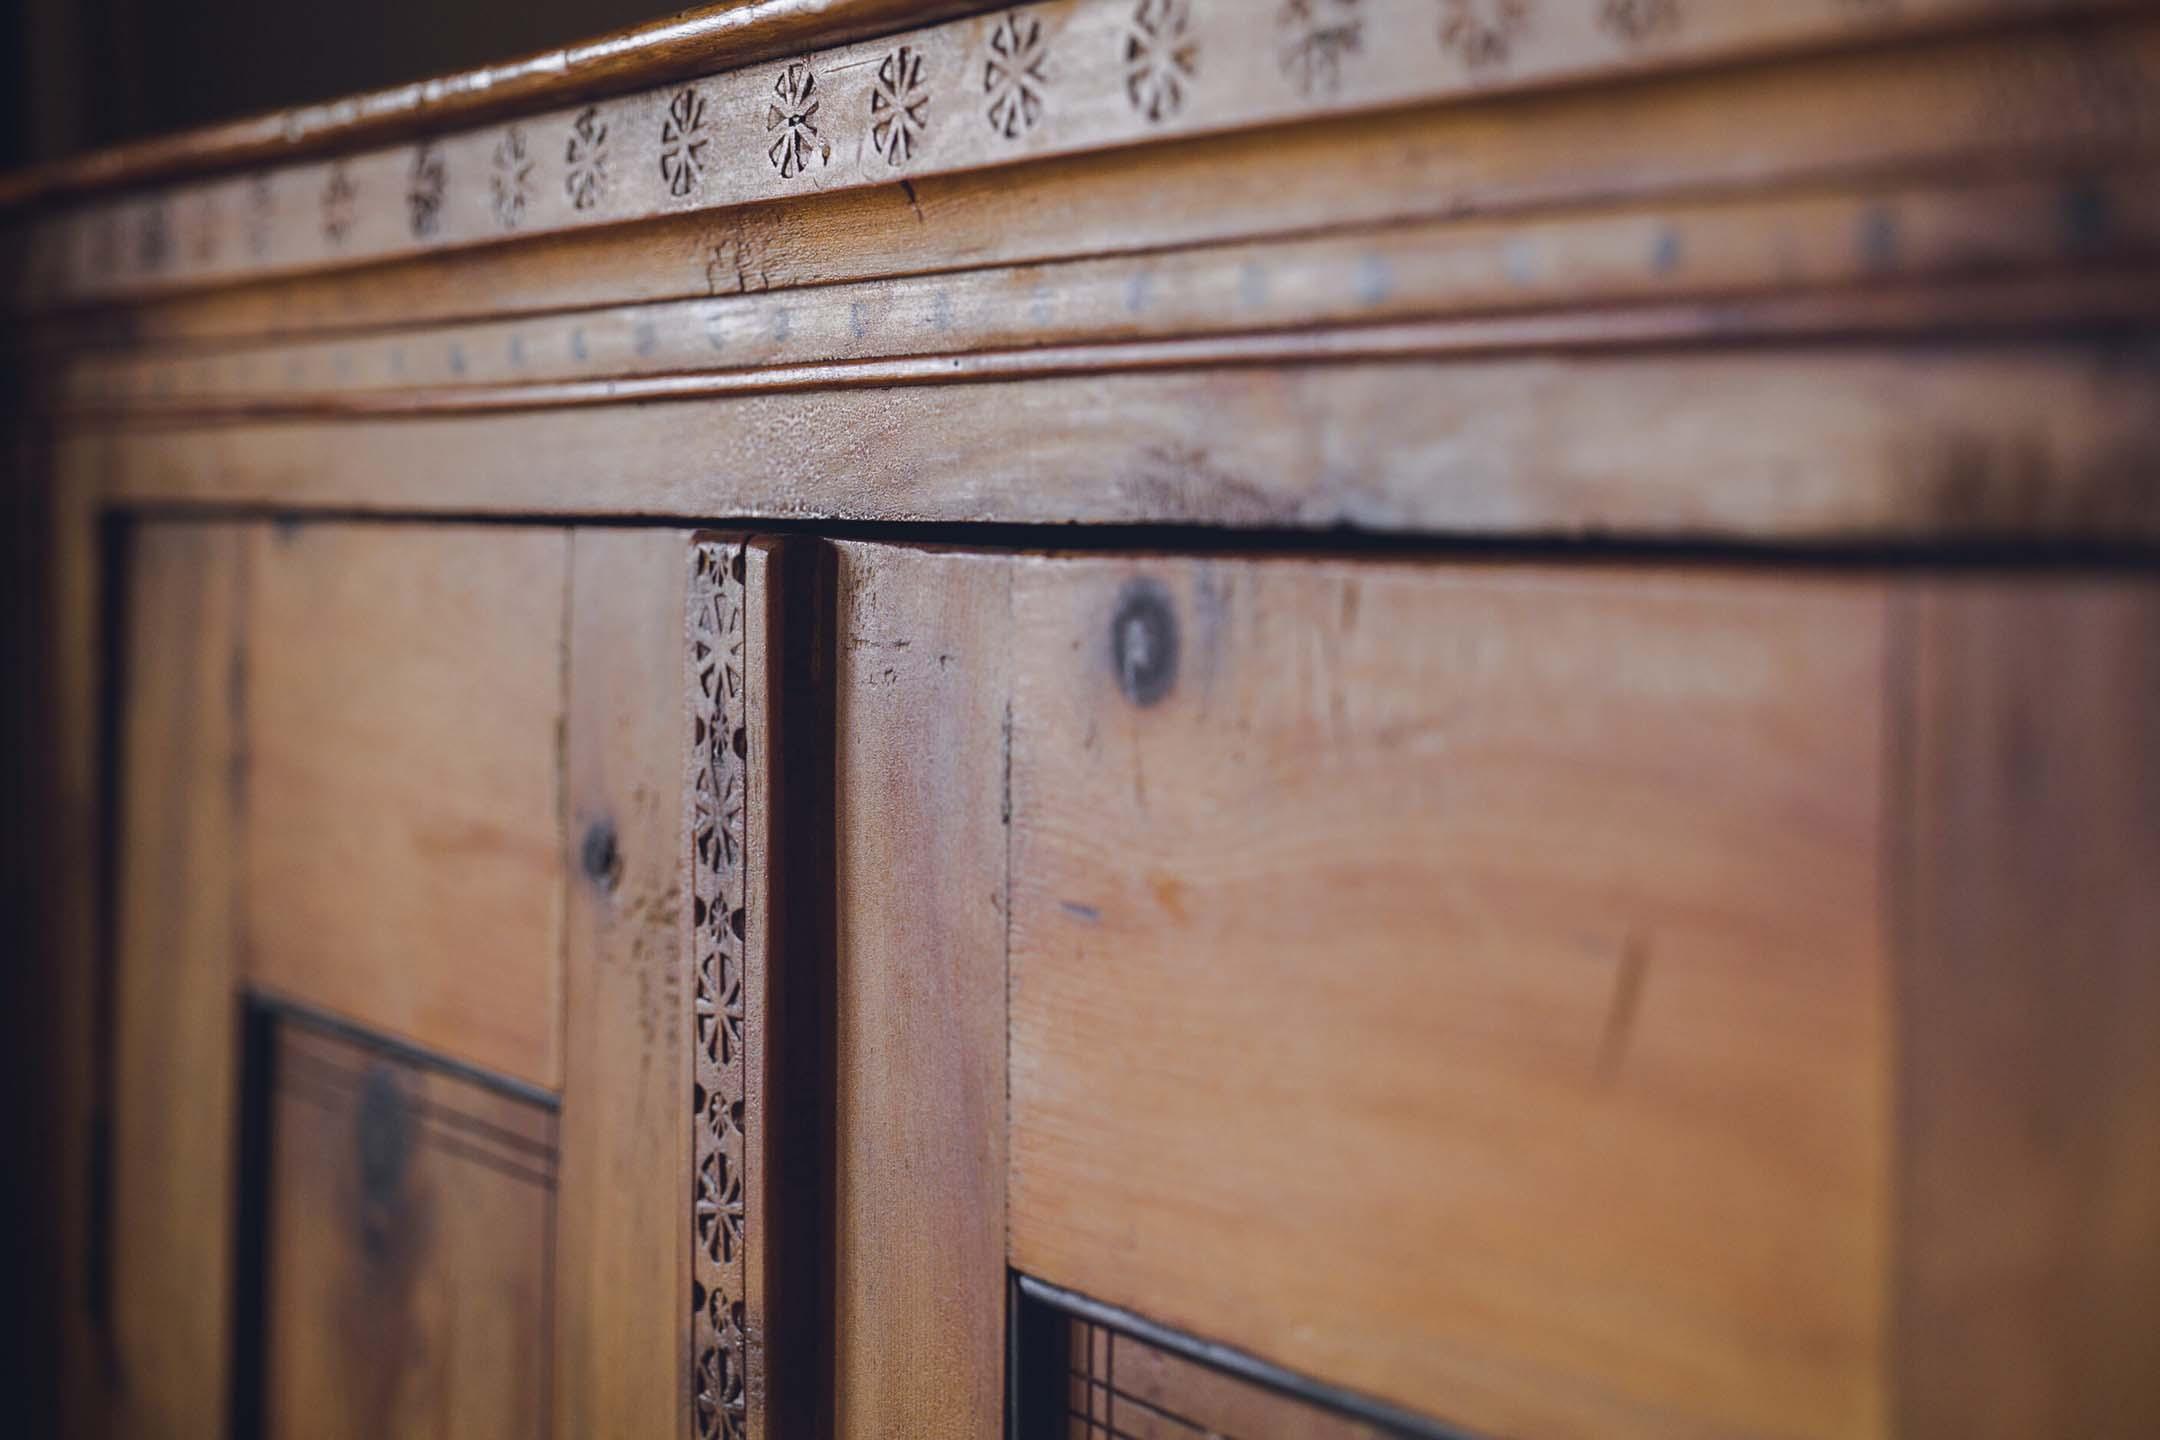 Historisch und schön, alter Bauernschrank im Einzelzimmer